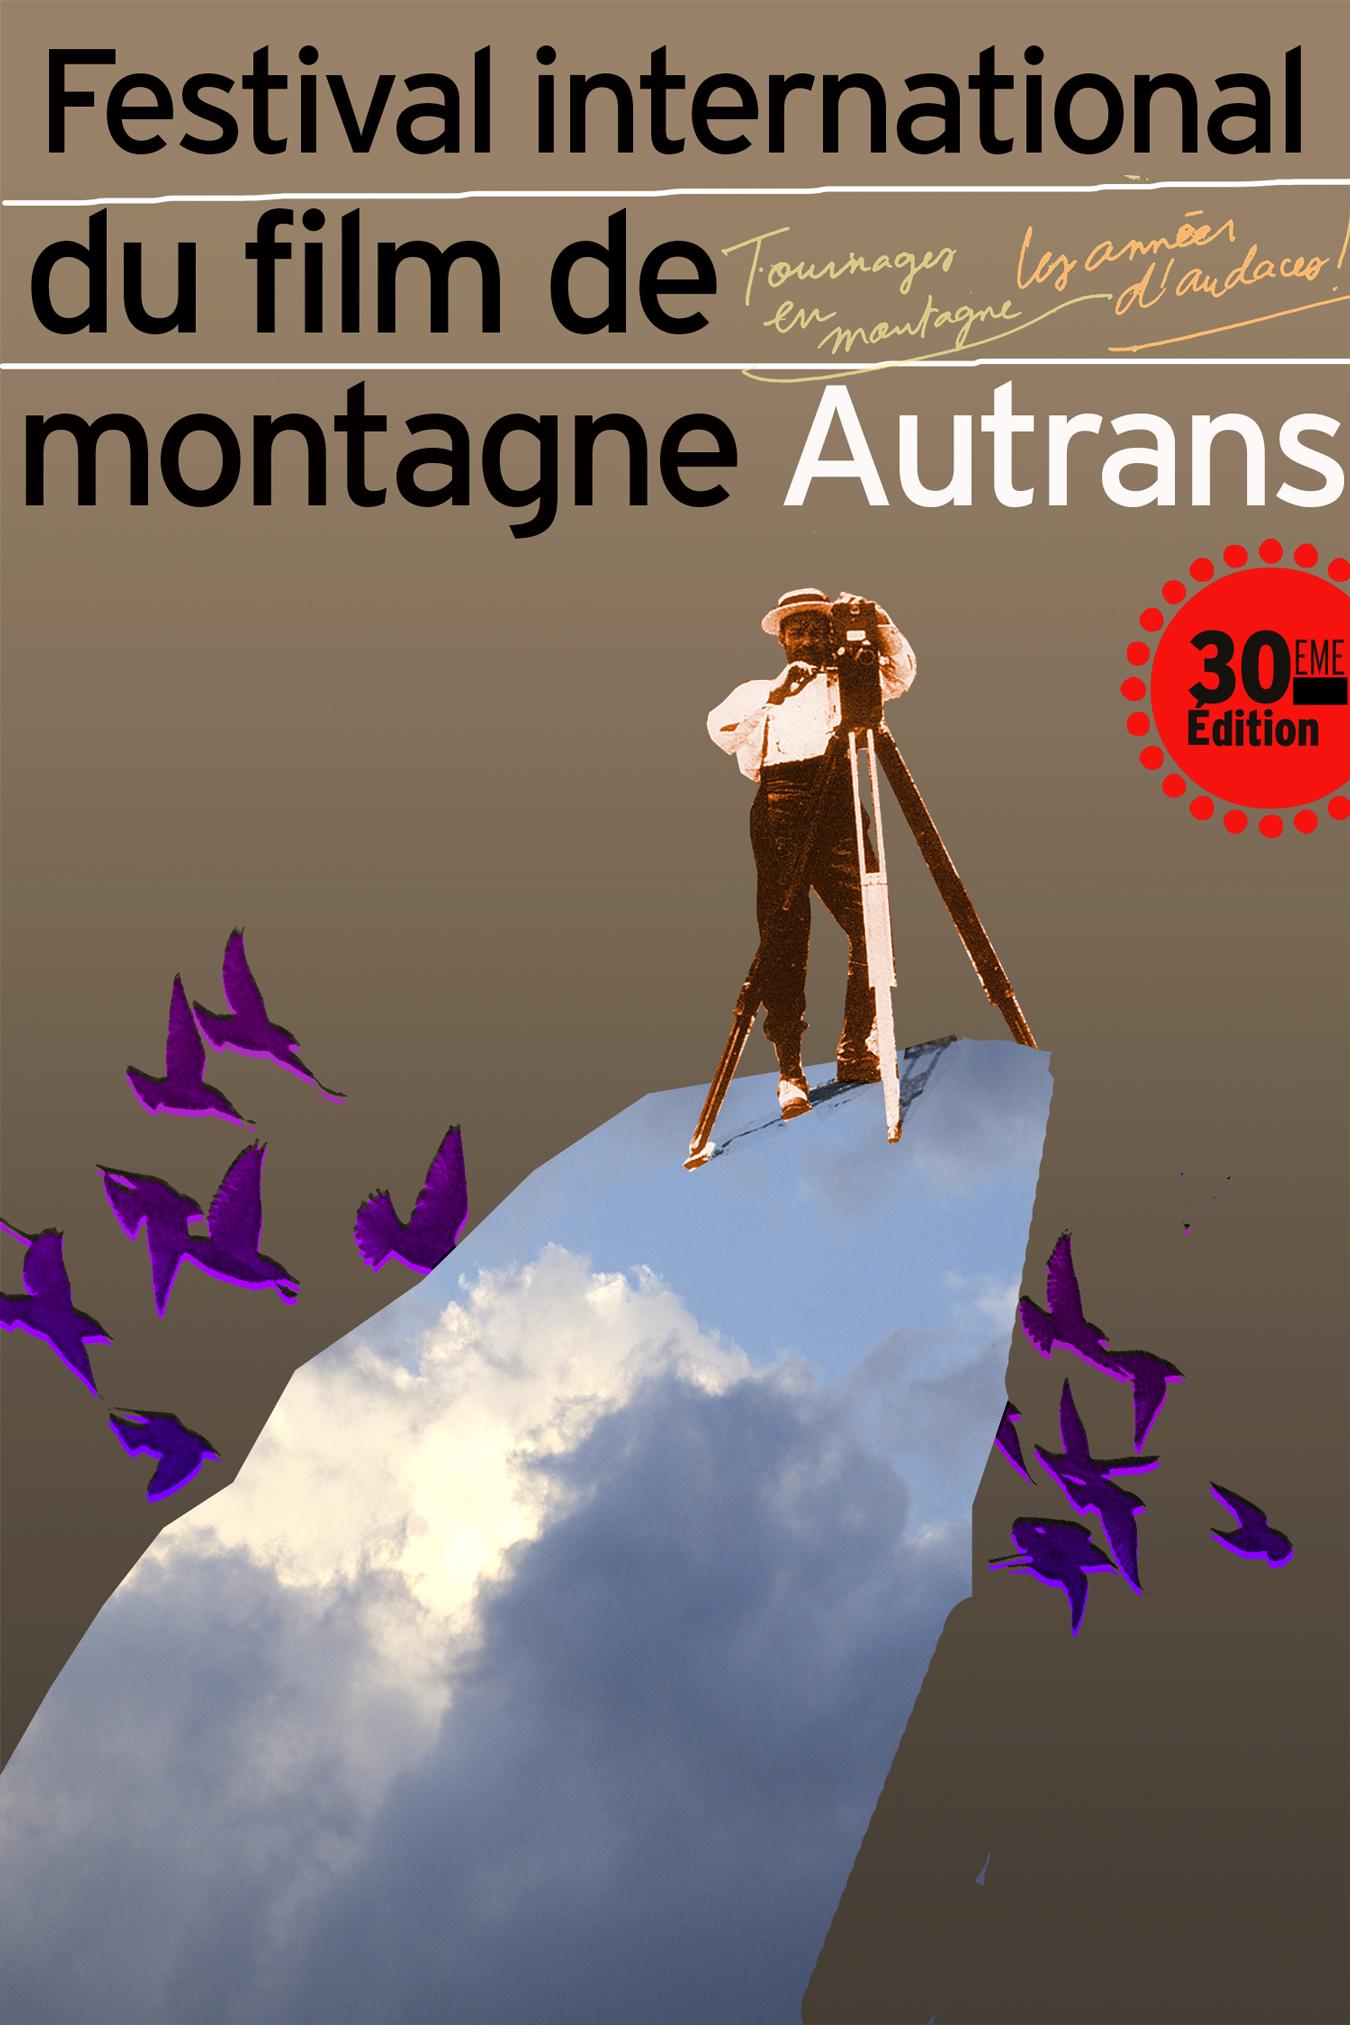 Affiche-Autran-festival-montagnes-film